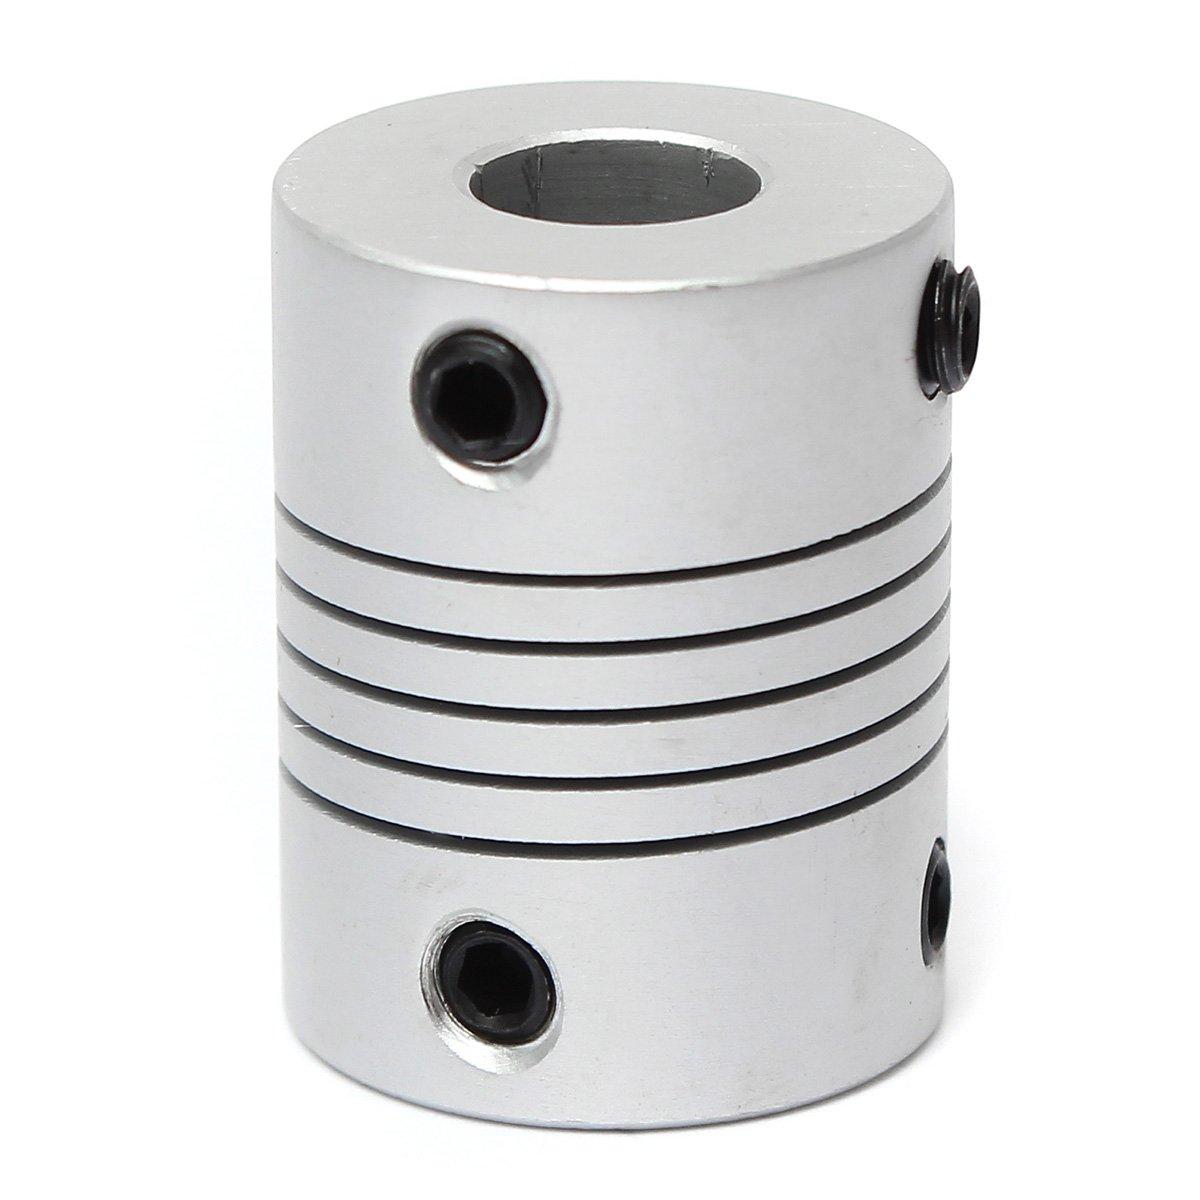 CHENXI-Shop-4-Stck-3-mm-x-635-mm-Aluminium-Flexibler-Schaft-Kupplung-od19-mm-X-L25-mm-CNC-Stepper-Motor-Kopplungskabel